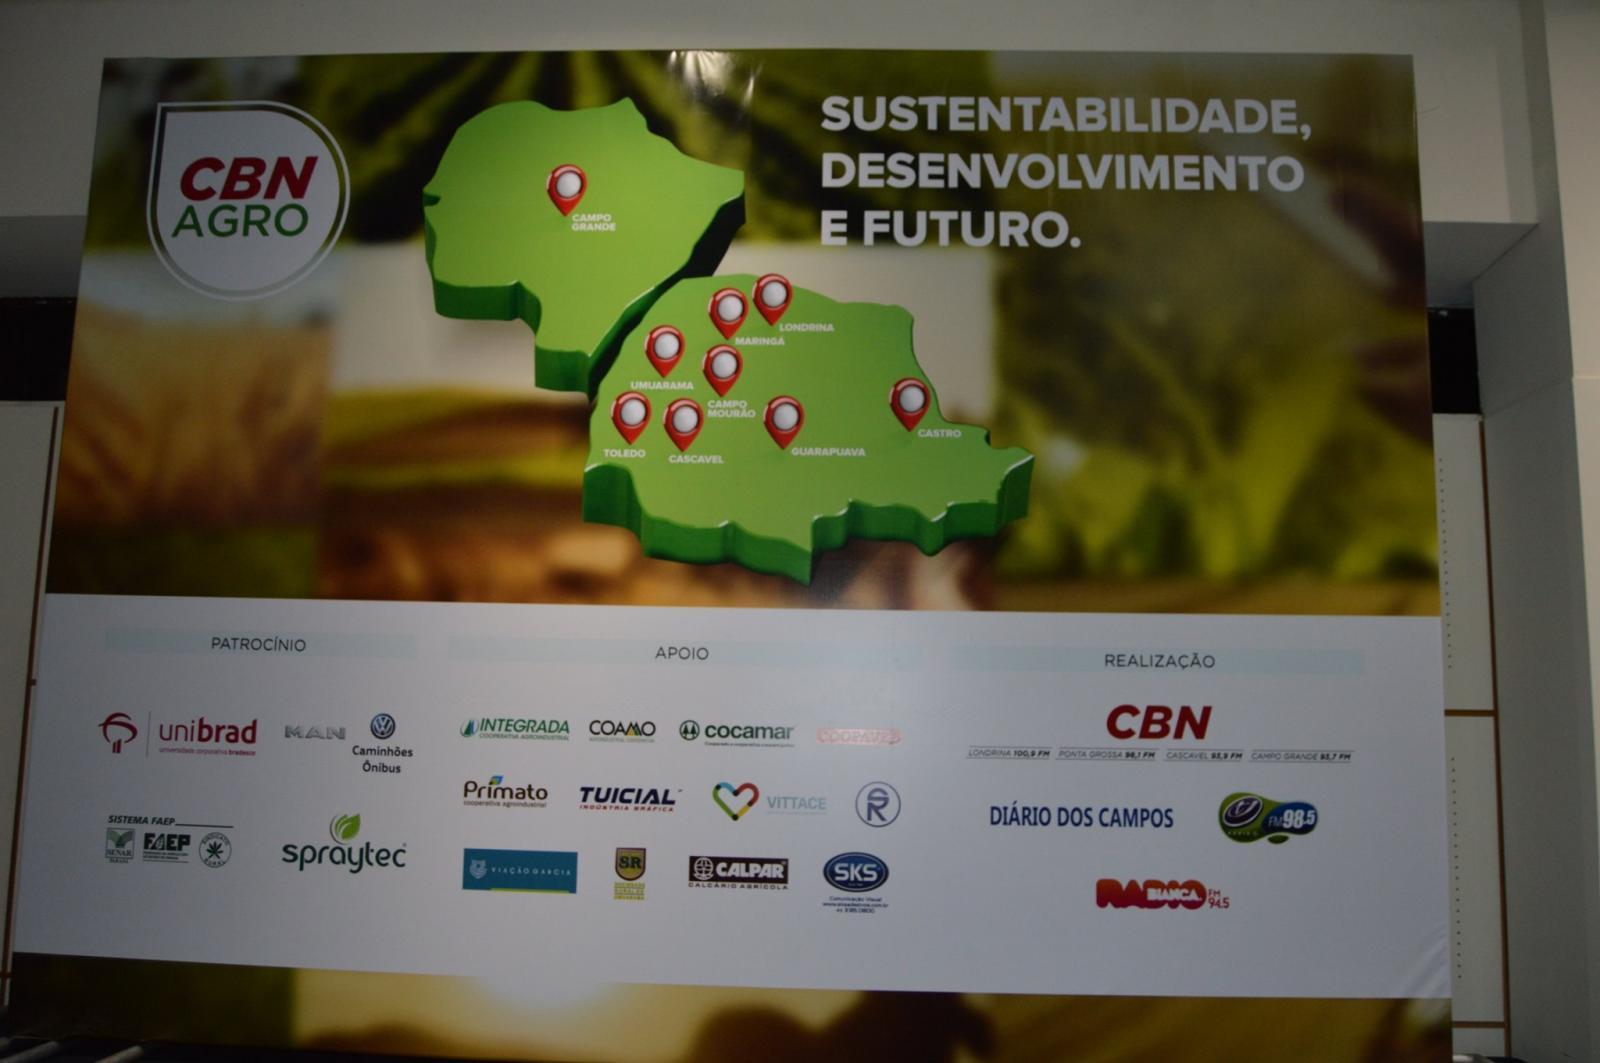 CBN AGRO: A transformação digital no Agronegócio